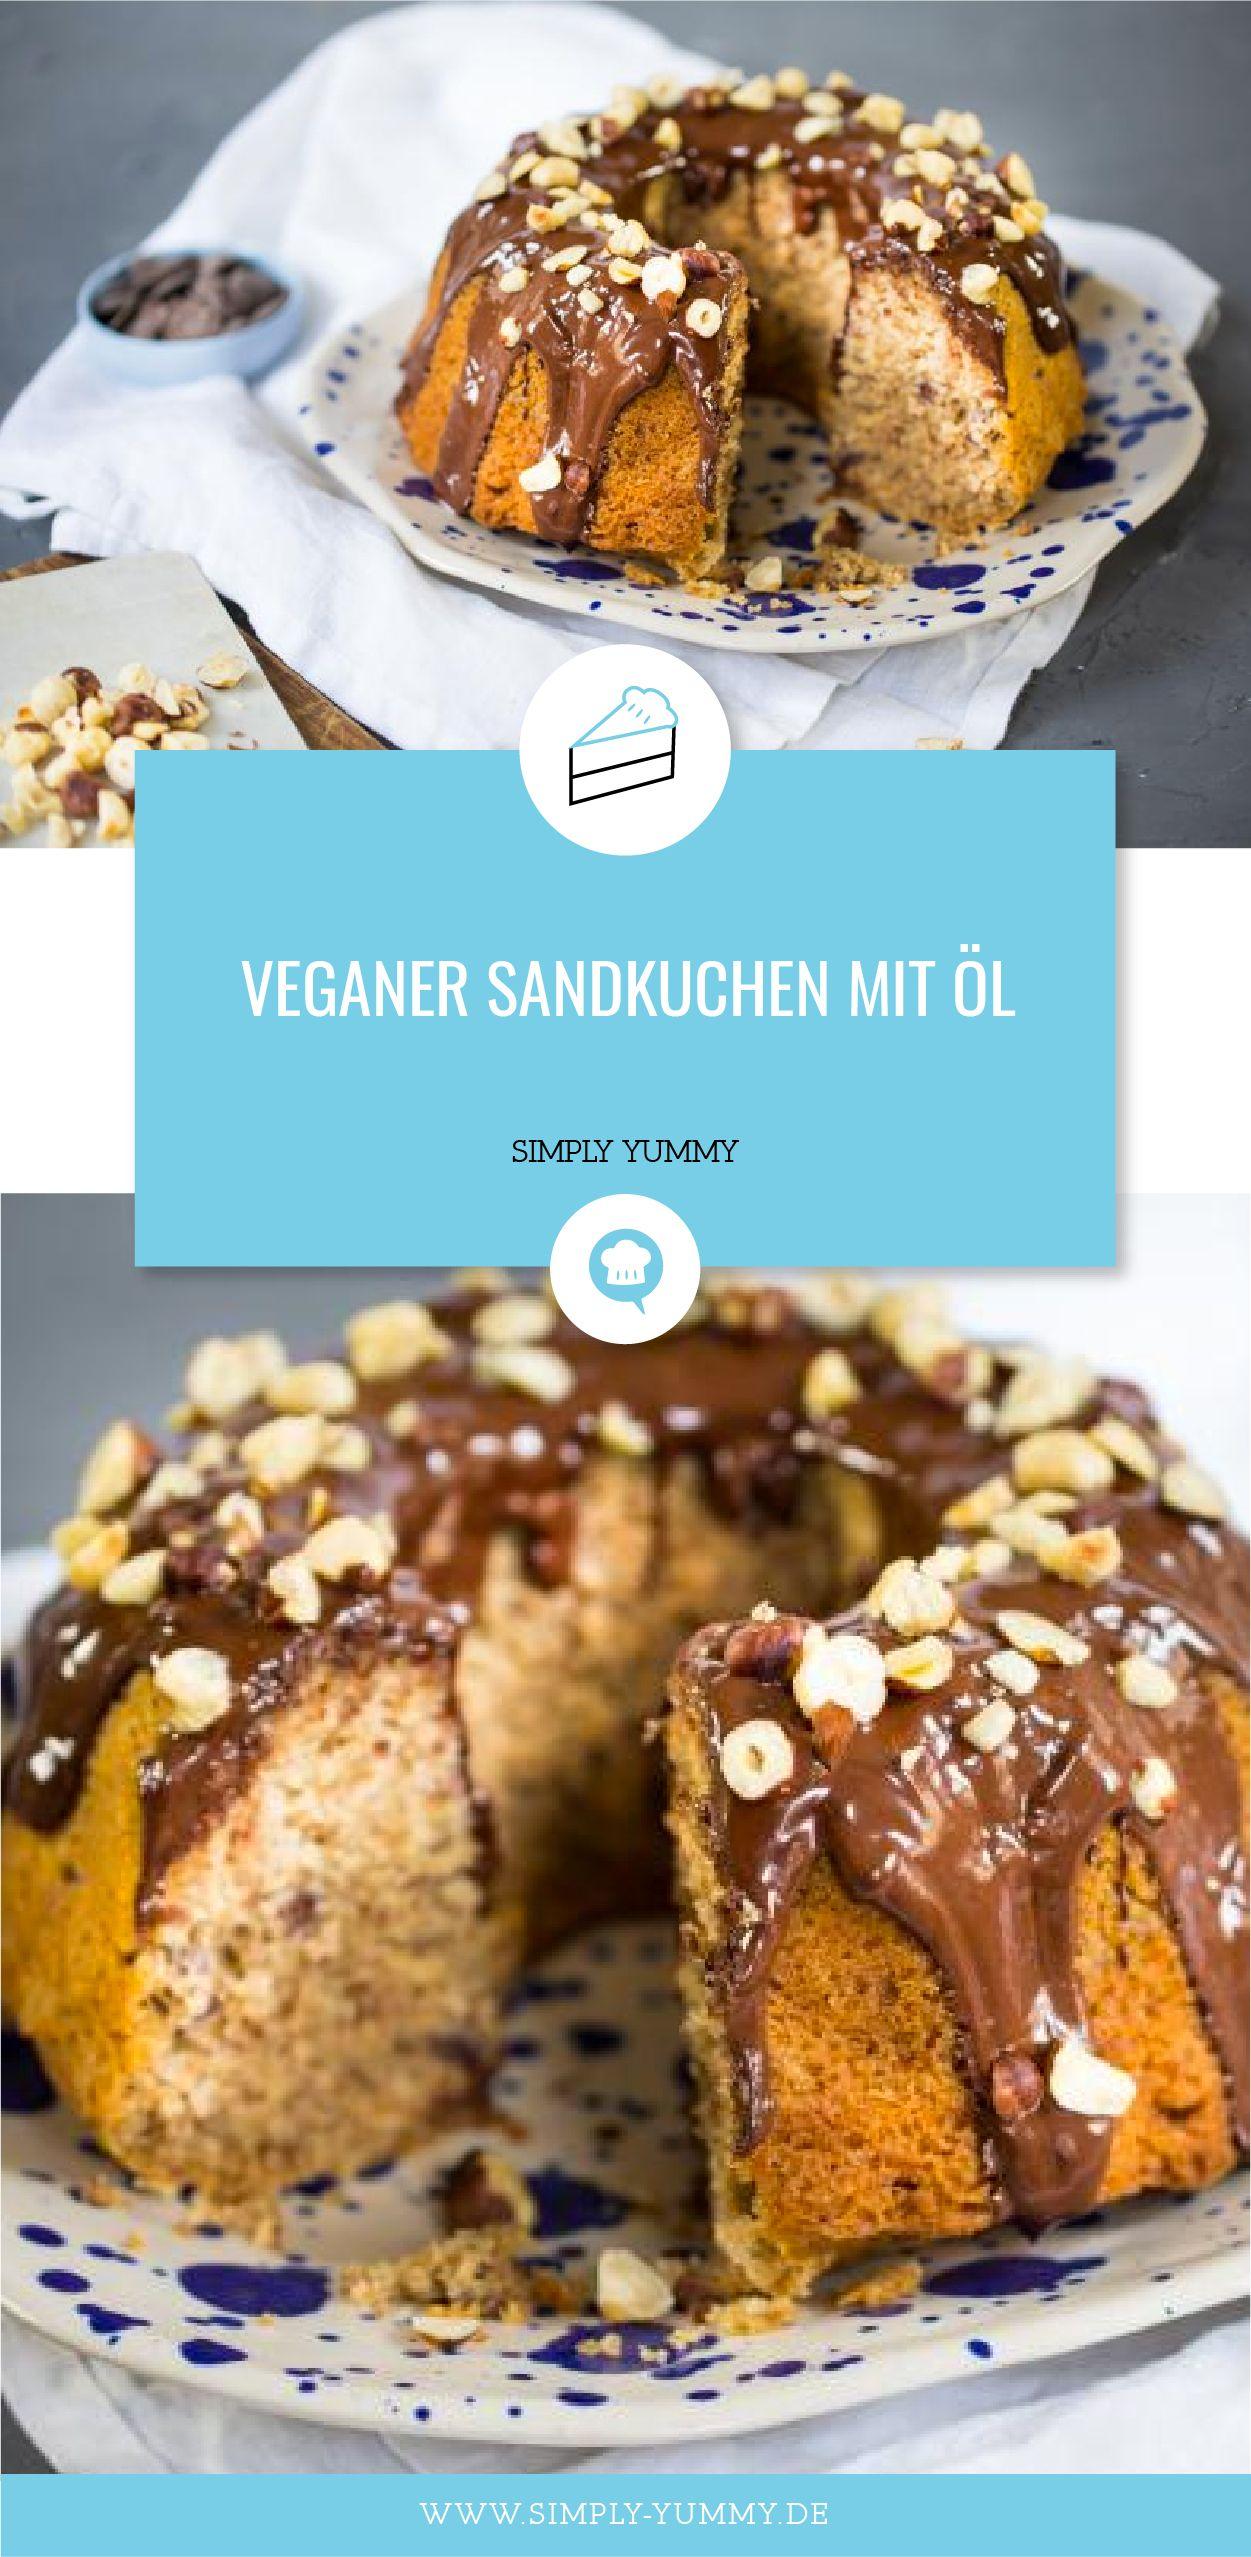 Veganer Sandkuchen mit Öl   Rezept   Sandkuchen, Kuchen